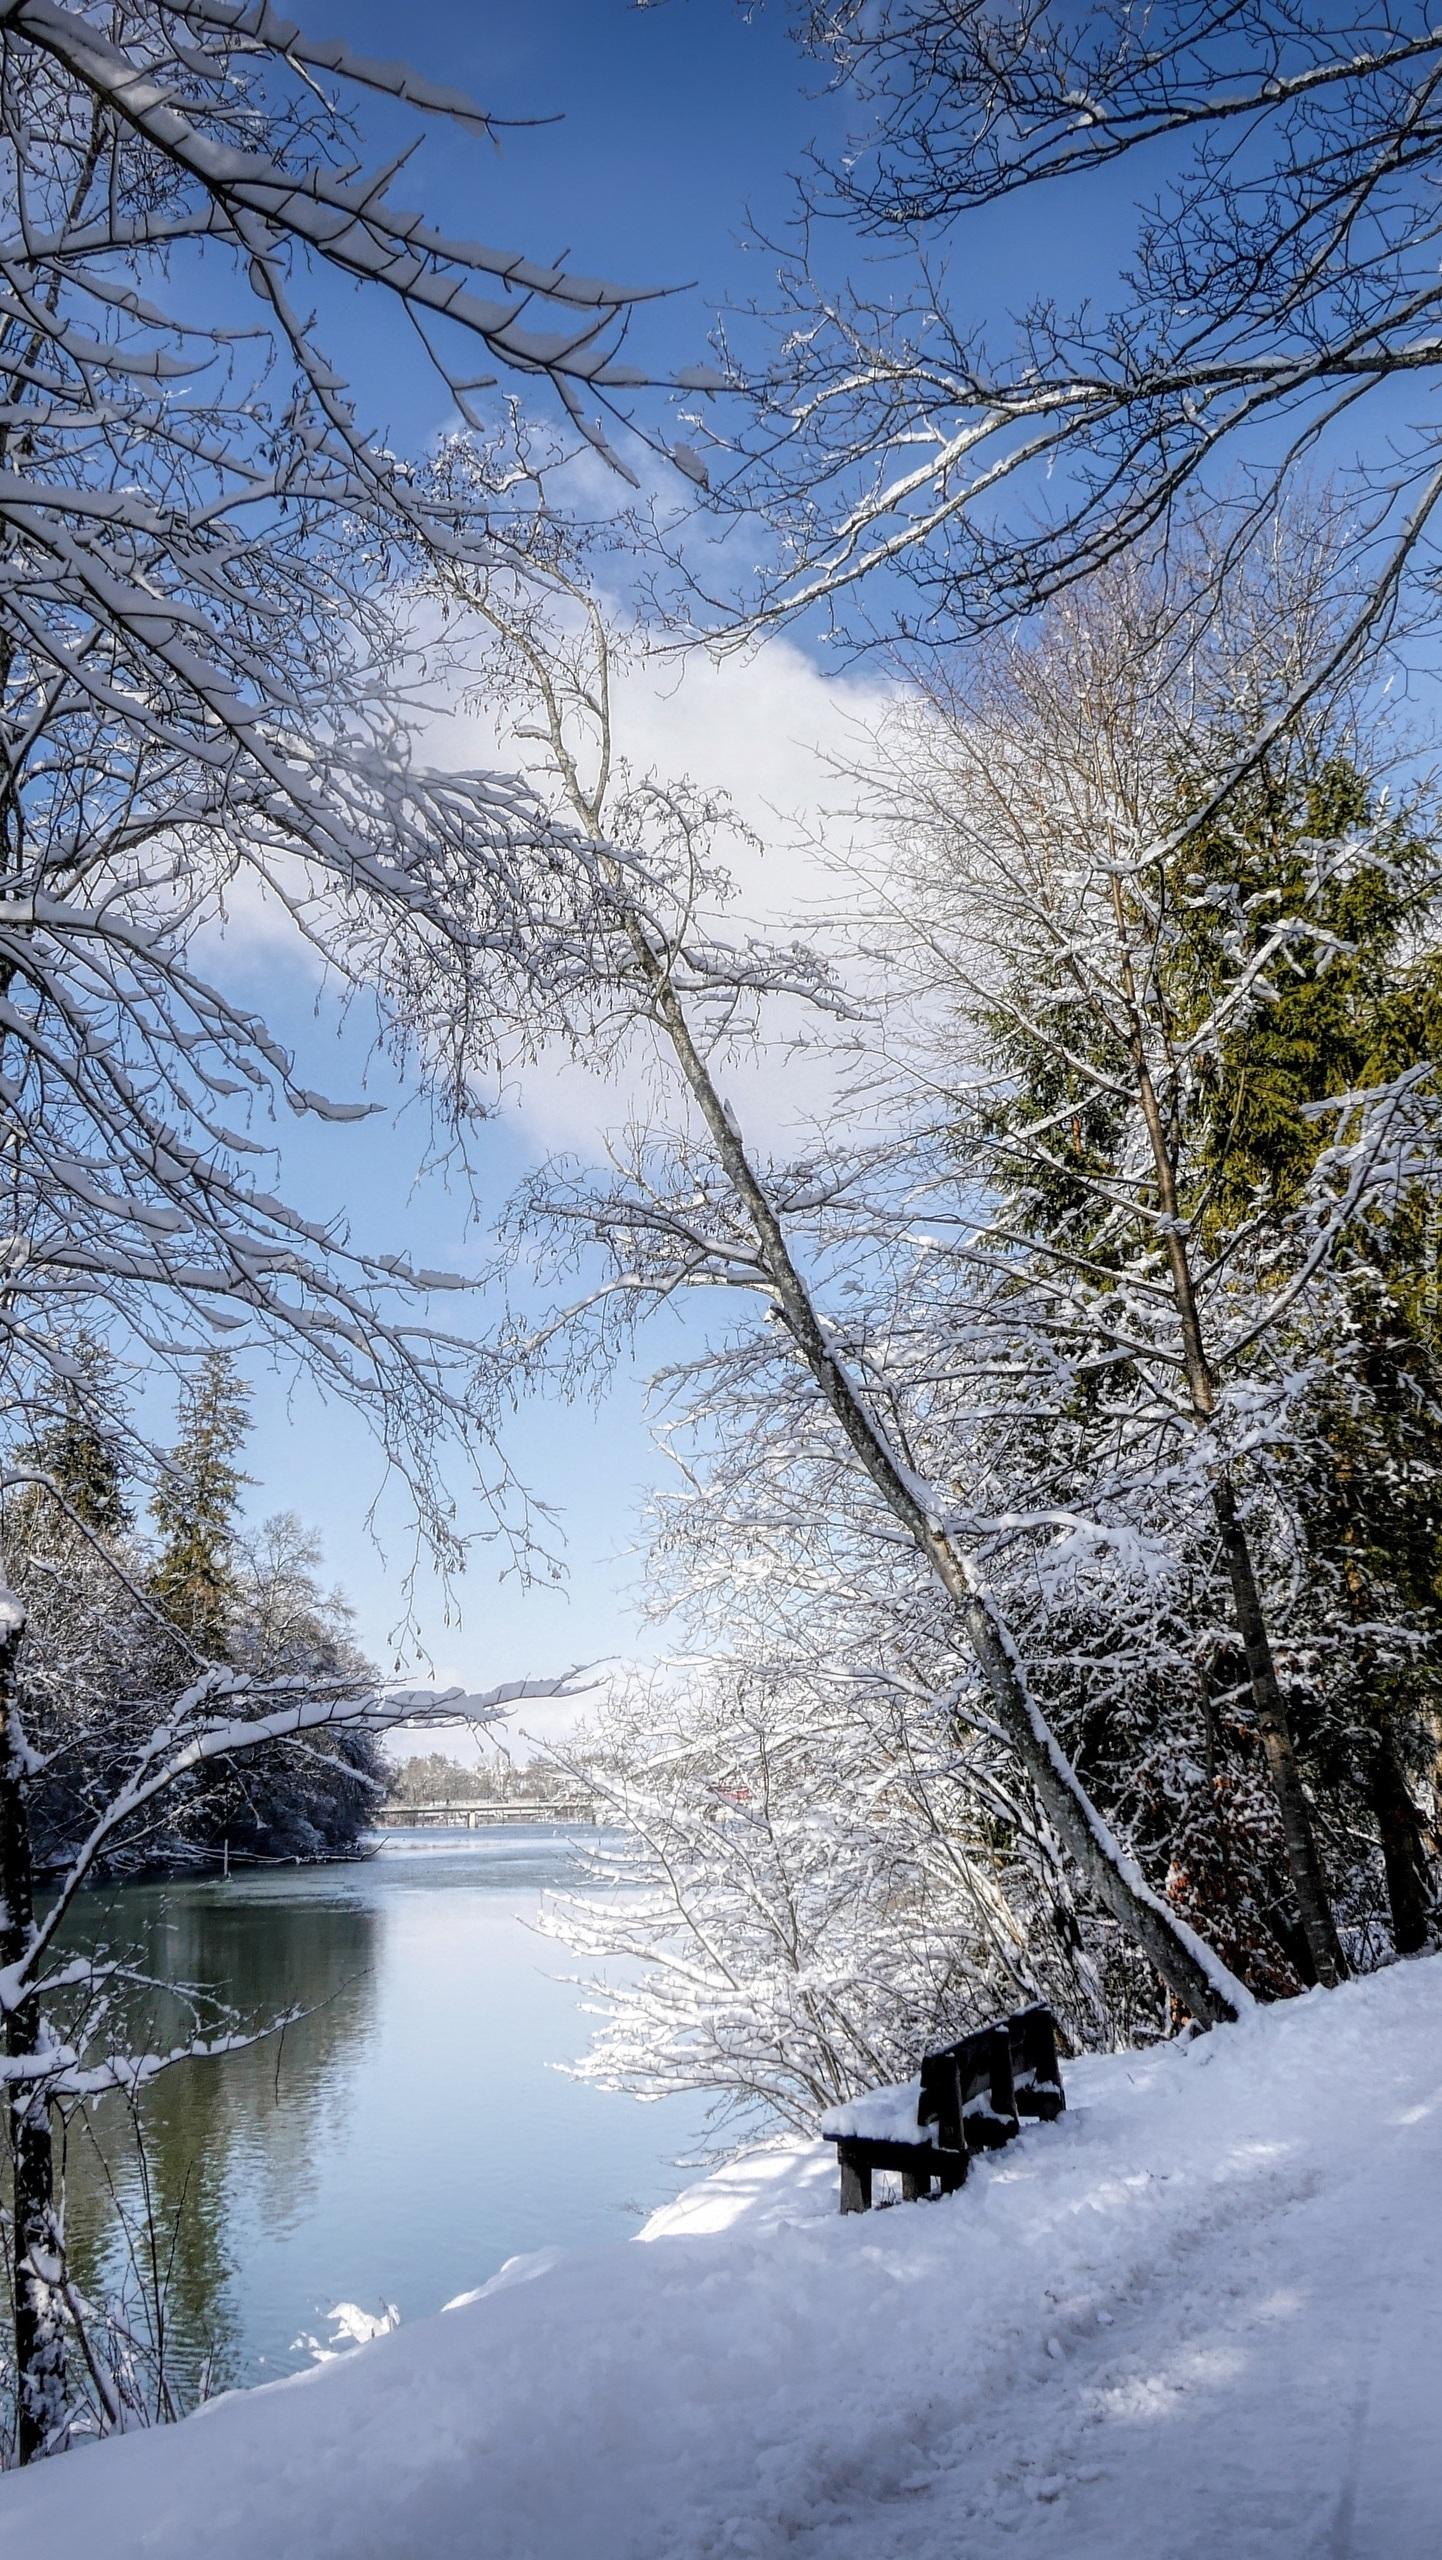 Ławka na zaśnieżonym brzegu rzeki